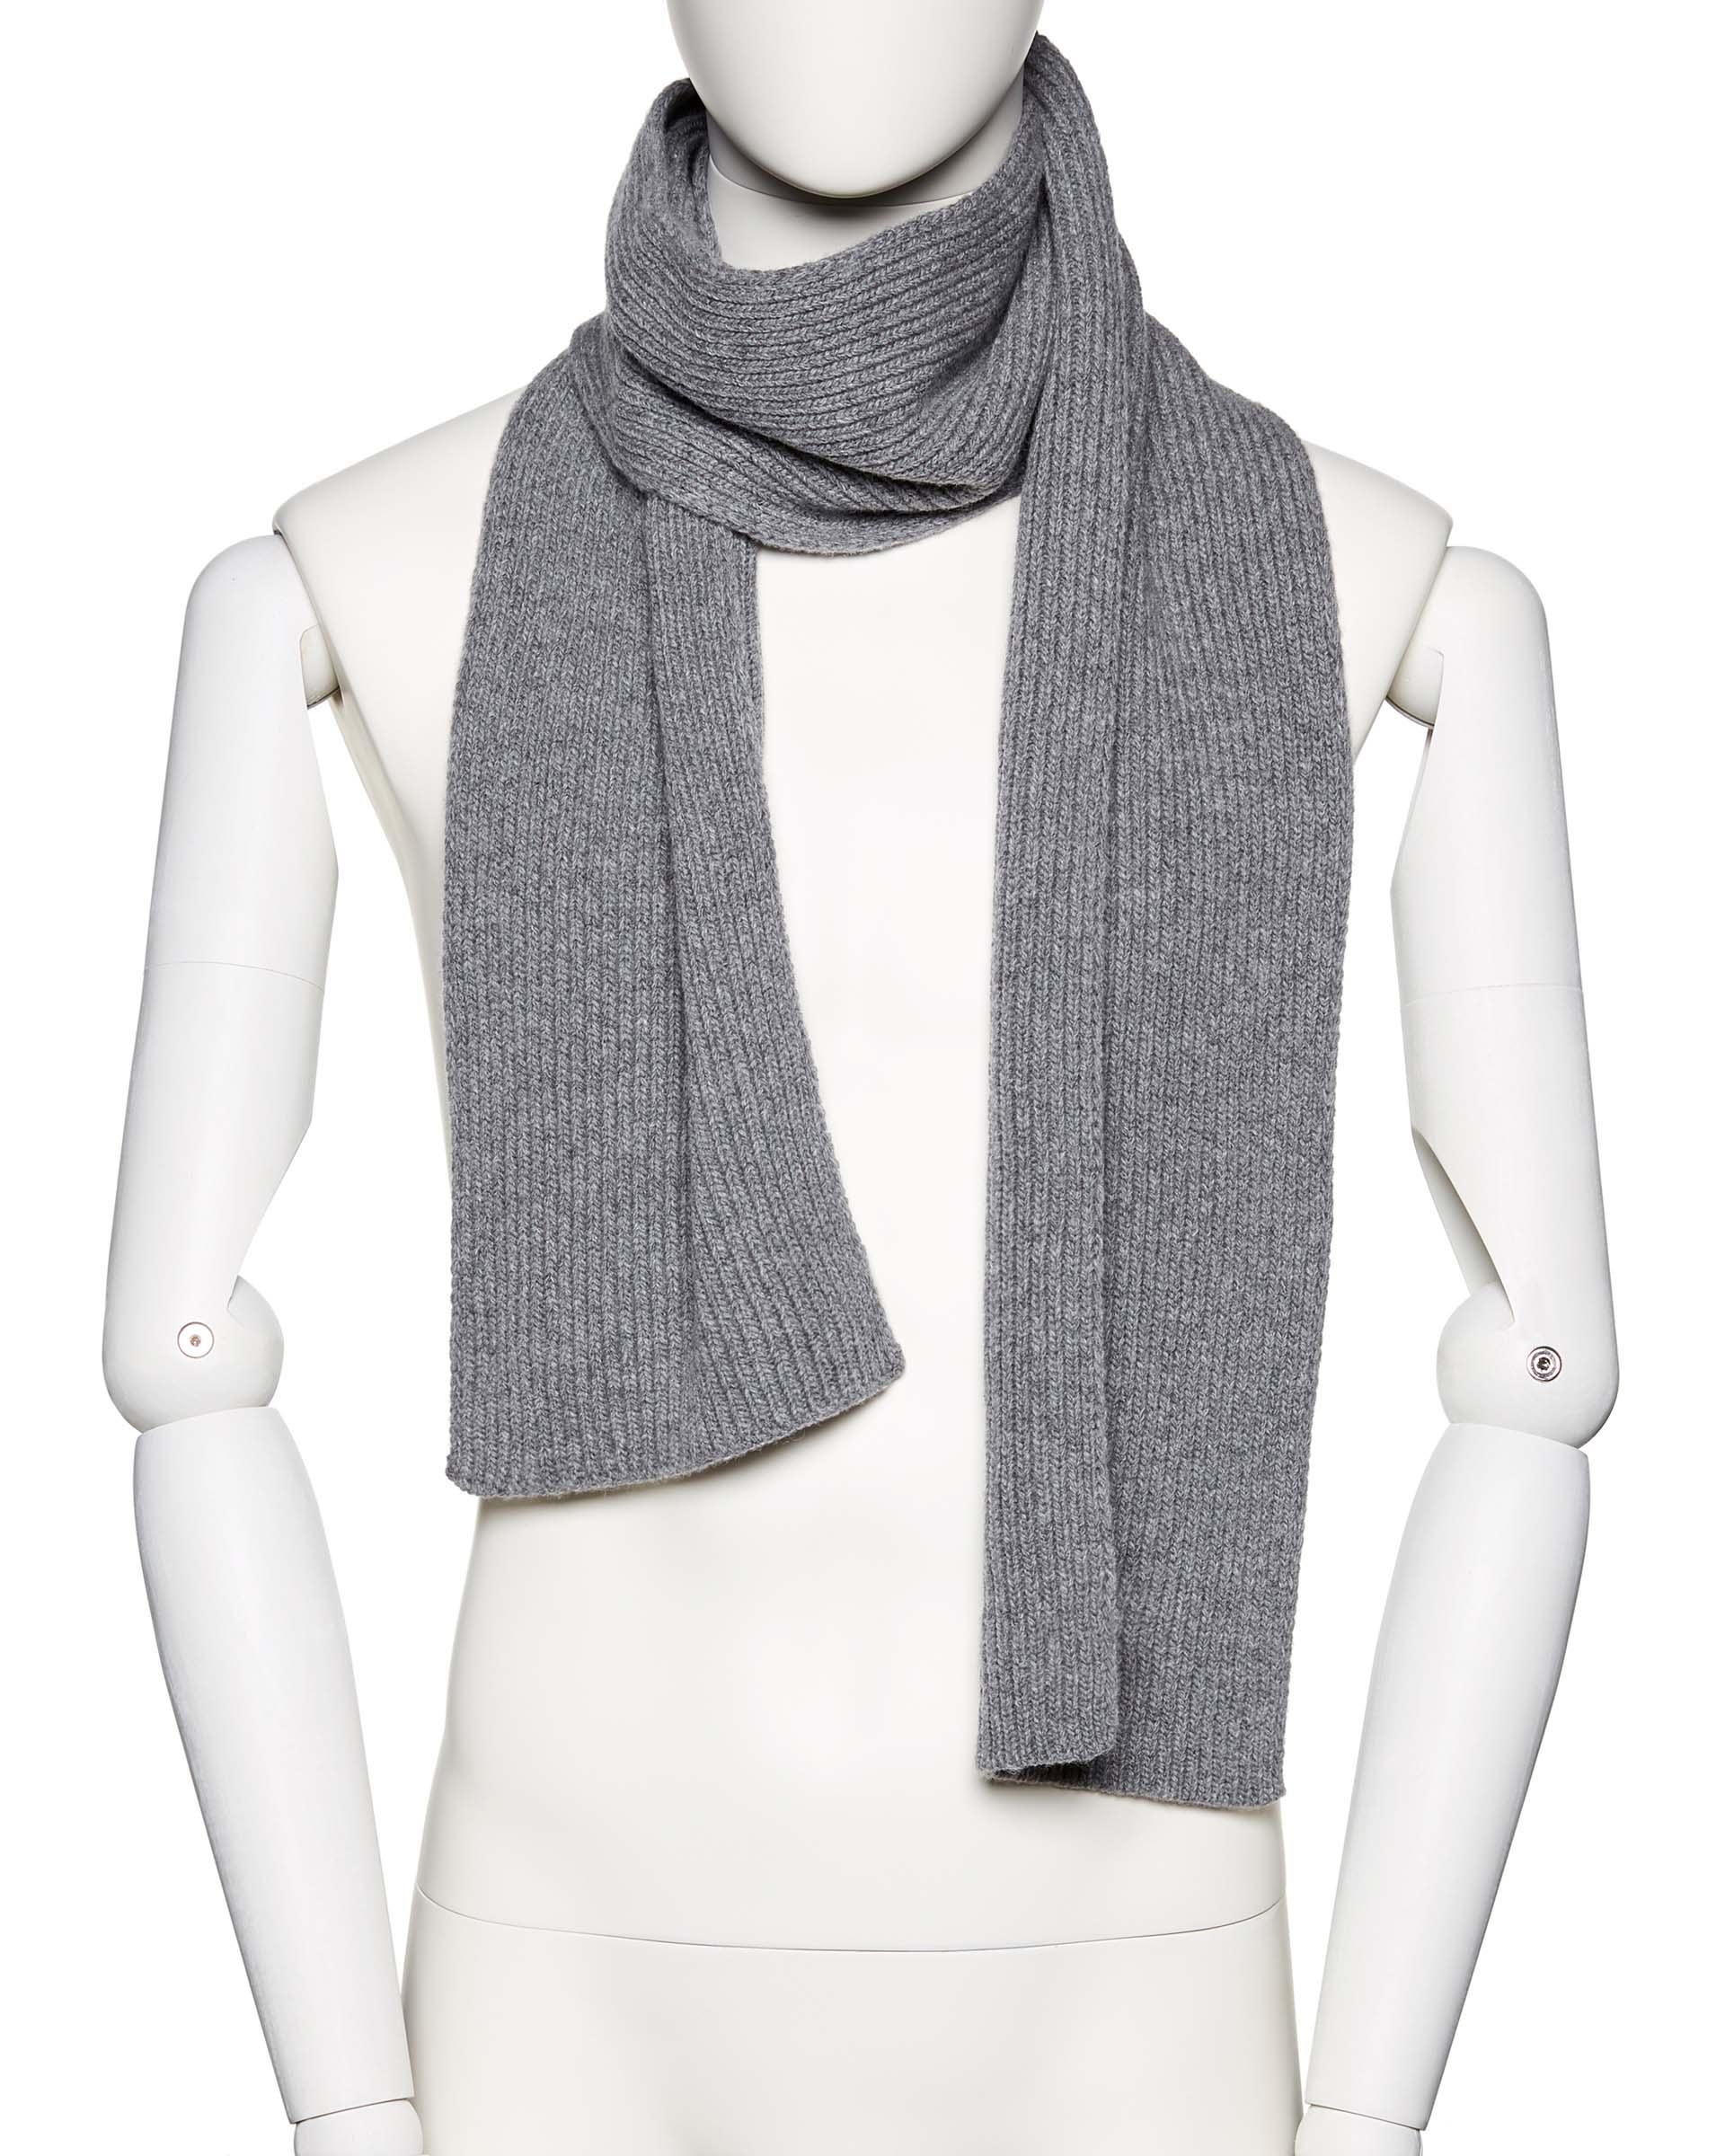 ШарфПлатки и Шарфы<br>Вязаный шарф из шерстяной пряжи. Фактура в рубчик, универсальный размер. Размеры: 180*17 см.<br>Цвет: Серый; Размер: OS;